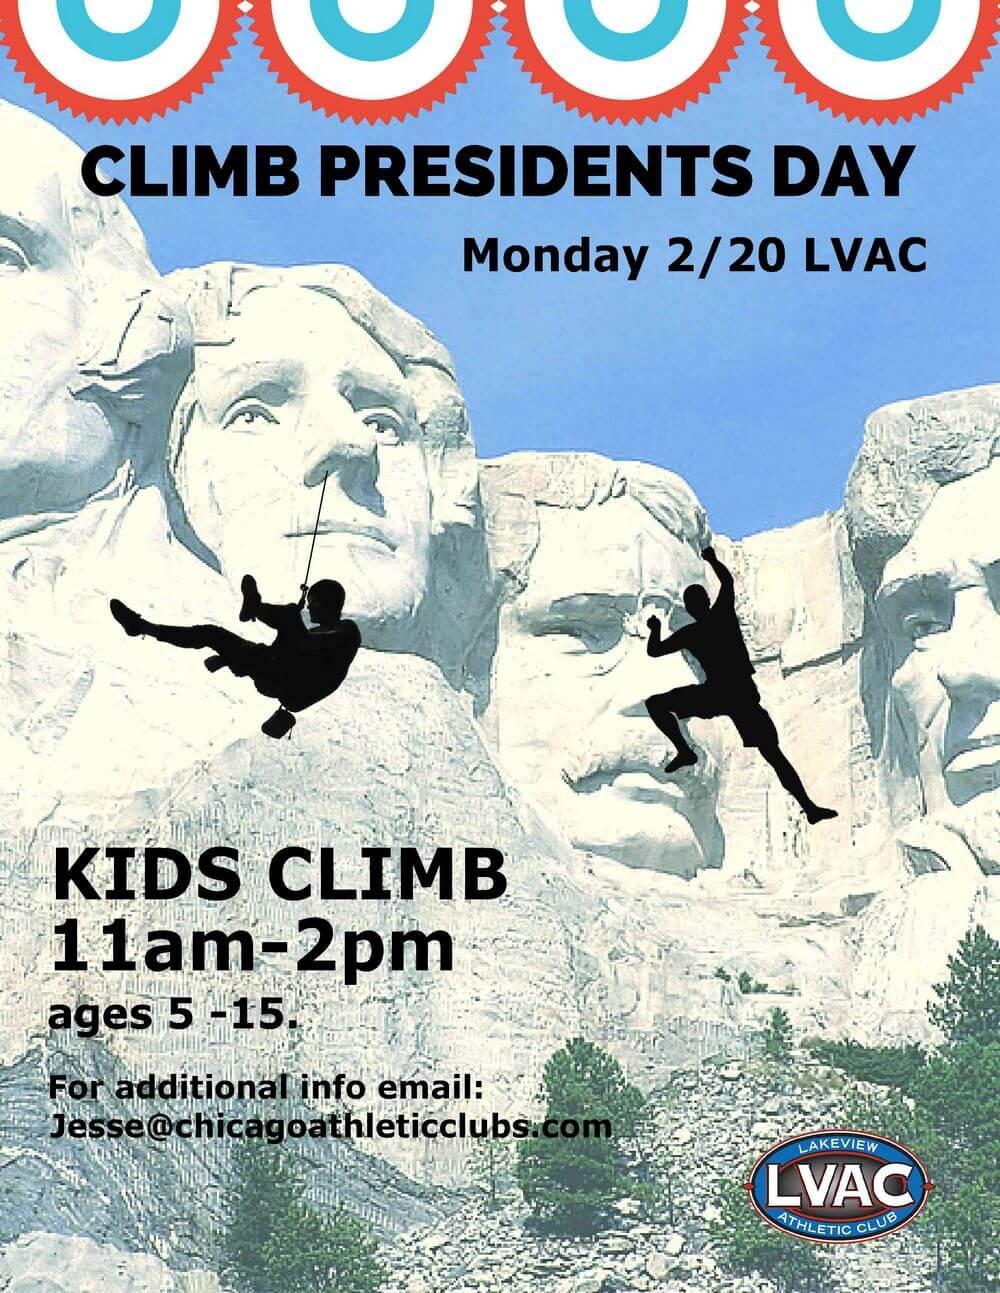 Climbing for presidens 20171.jpg